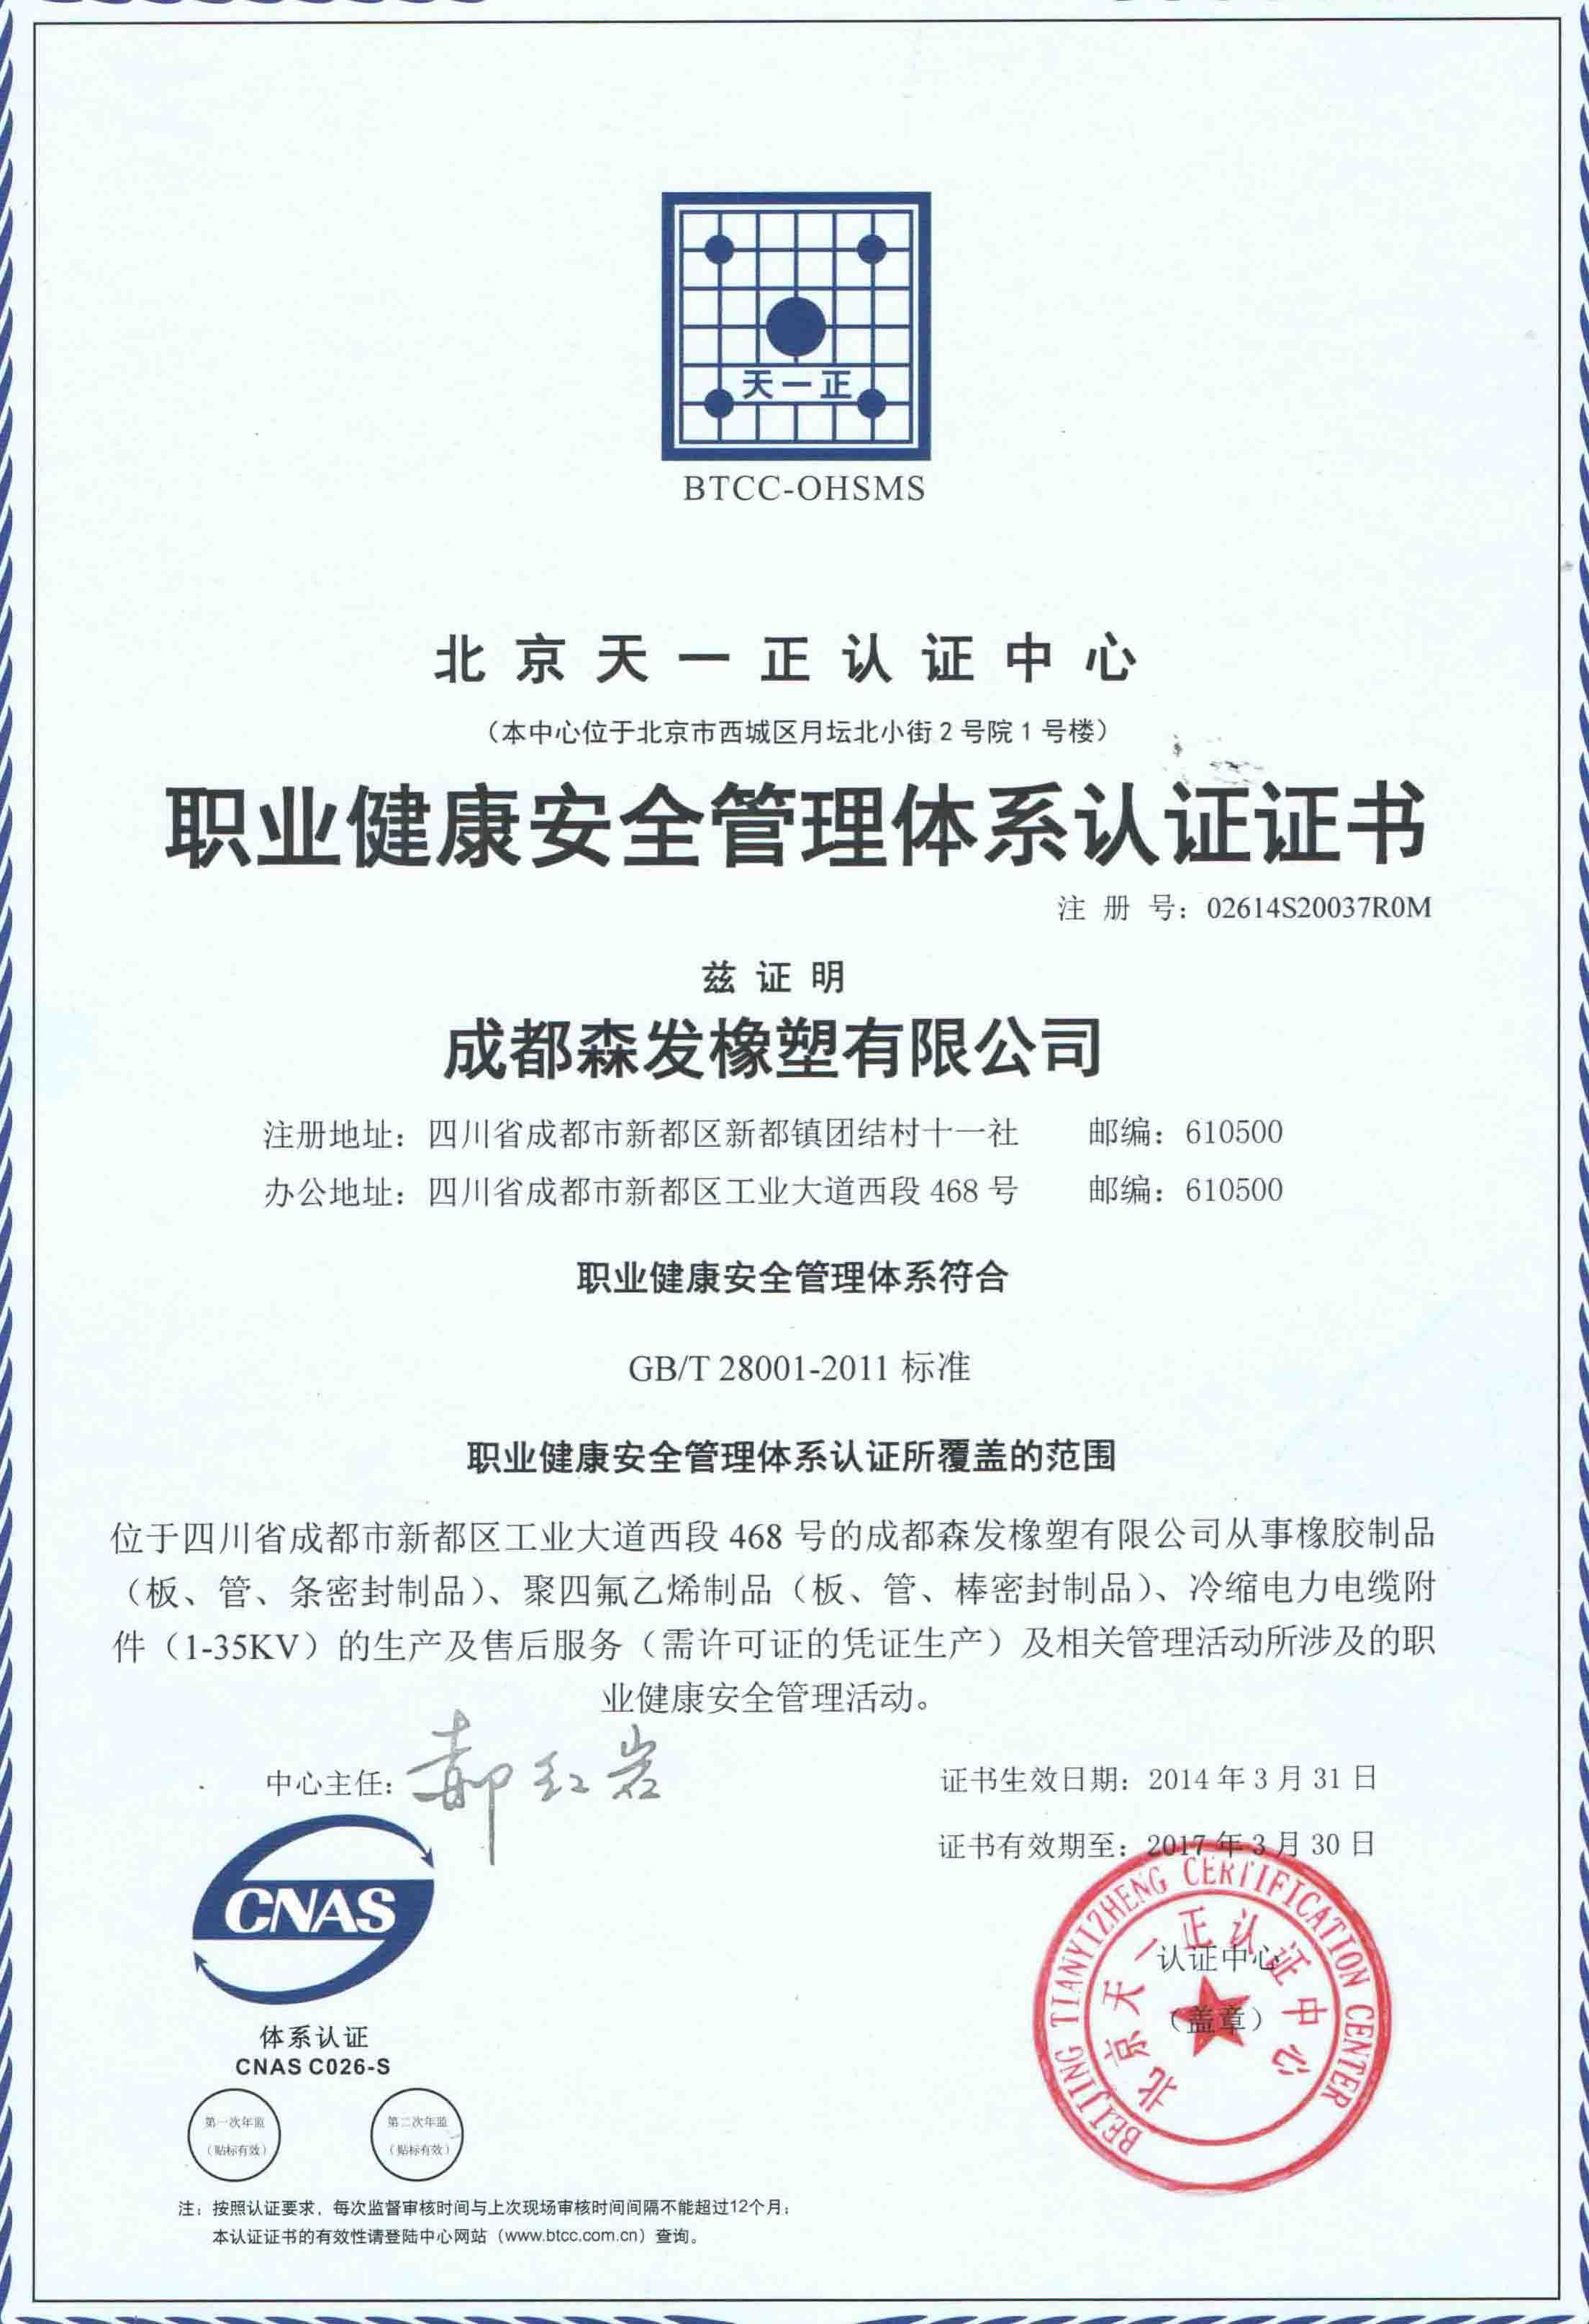 職業健康管理認證證書